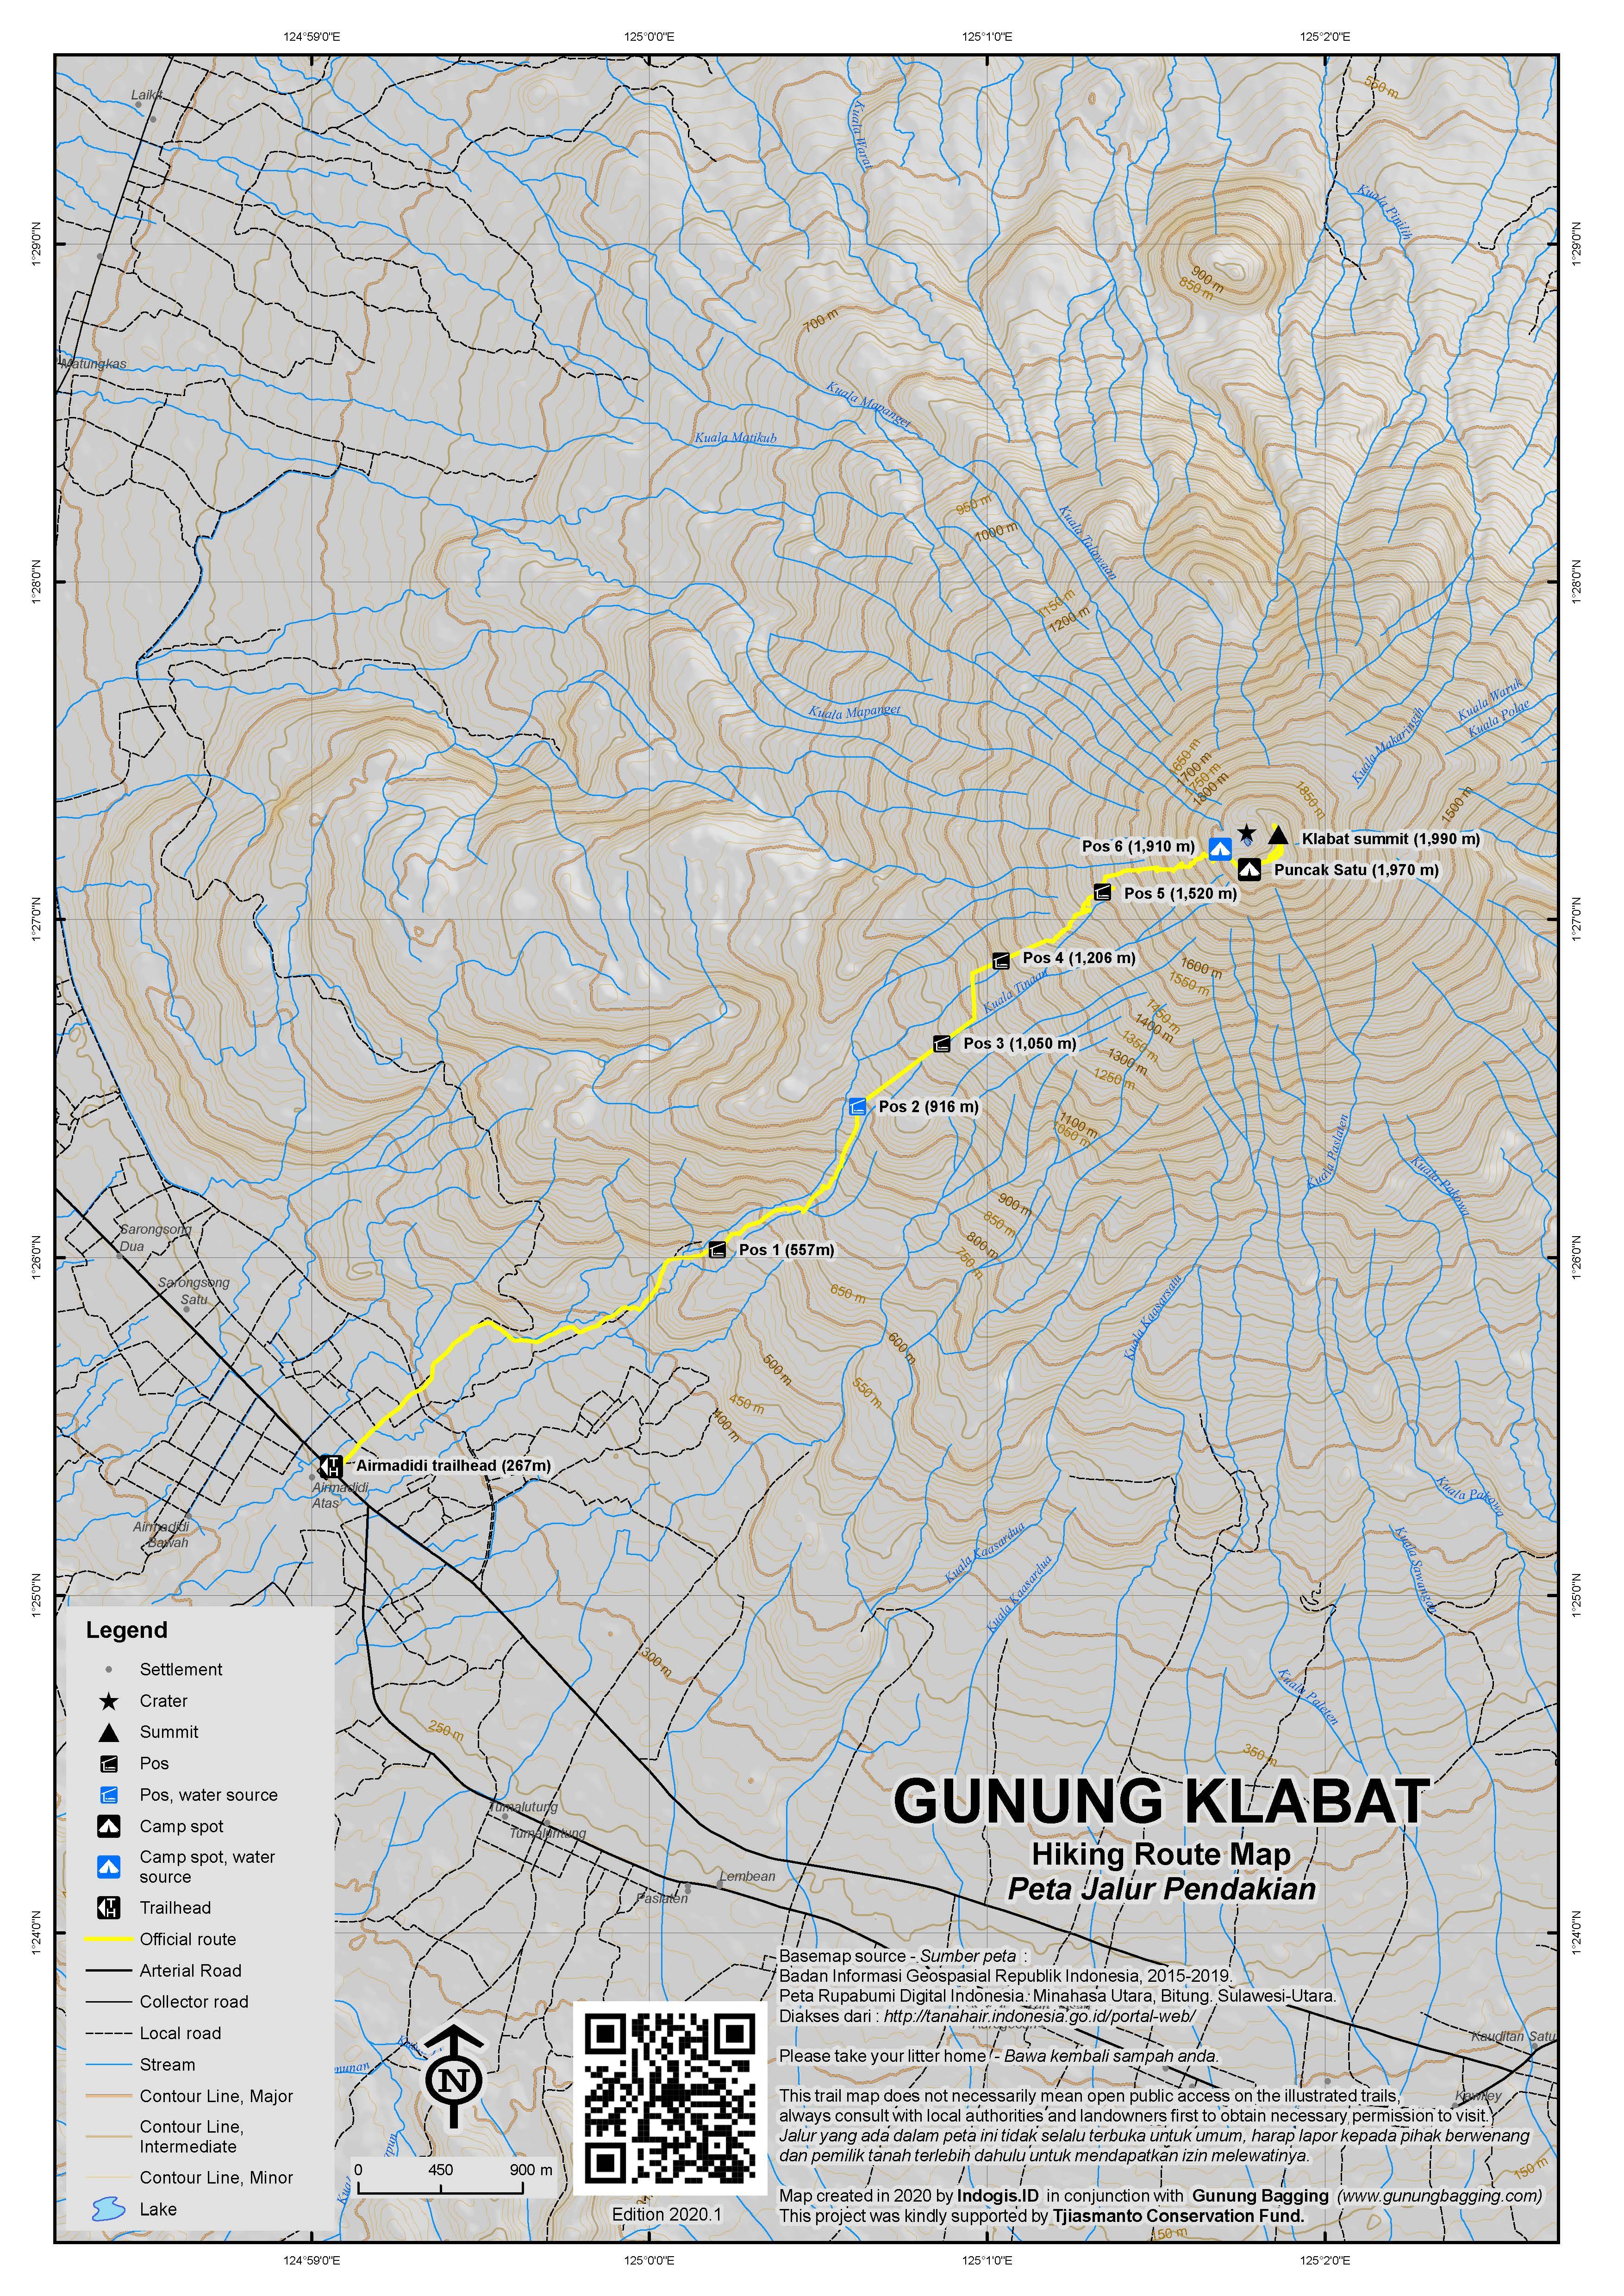 Peta Jalur Pendakian Gunung Klabat